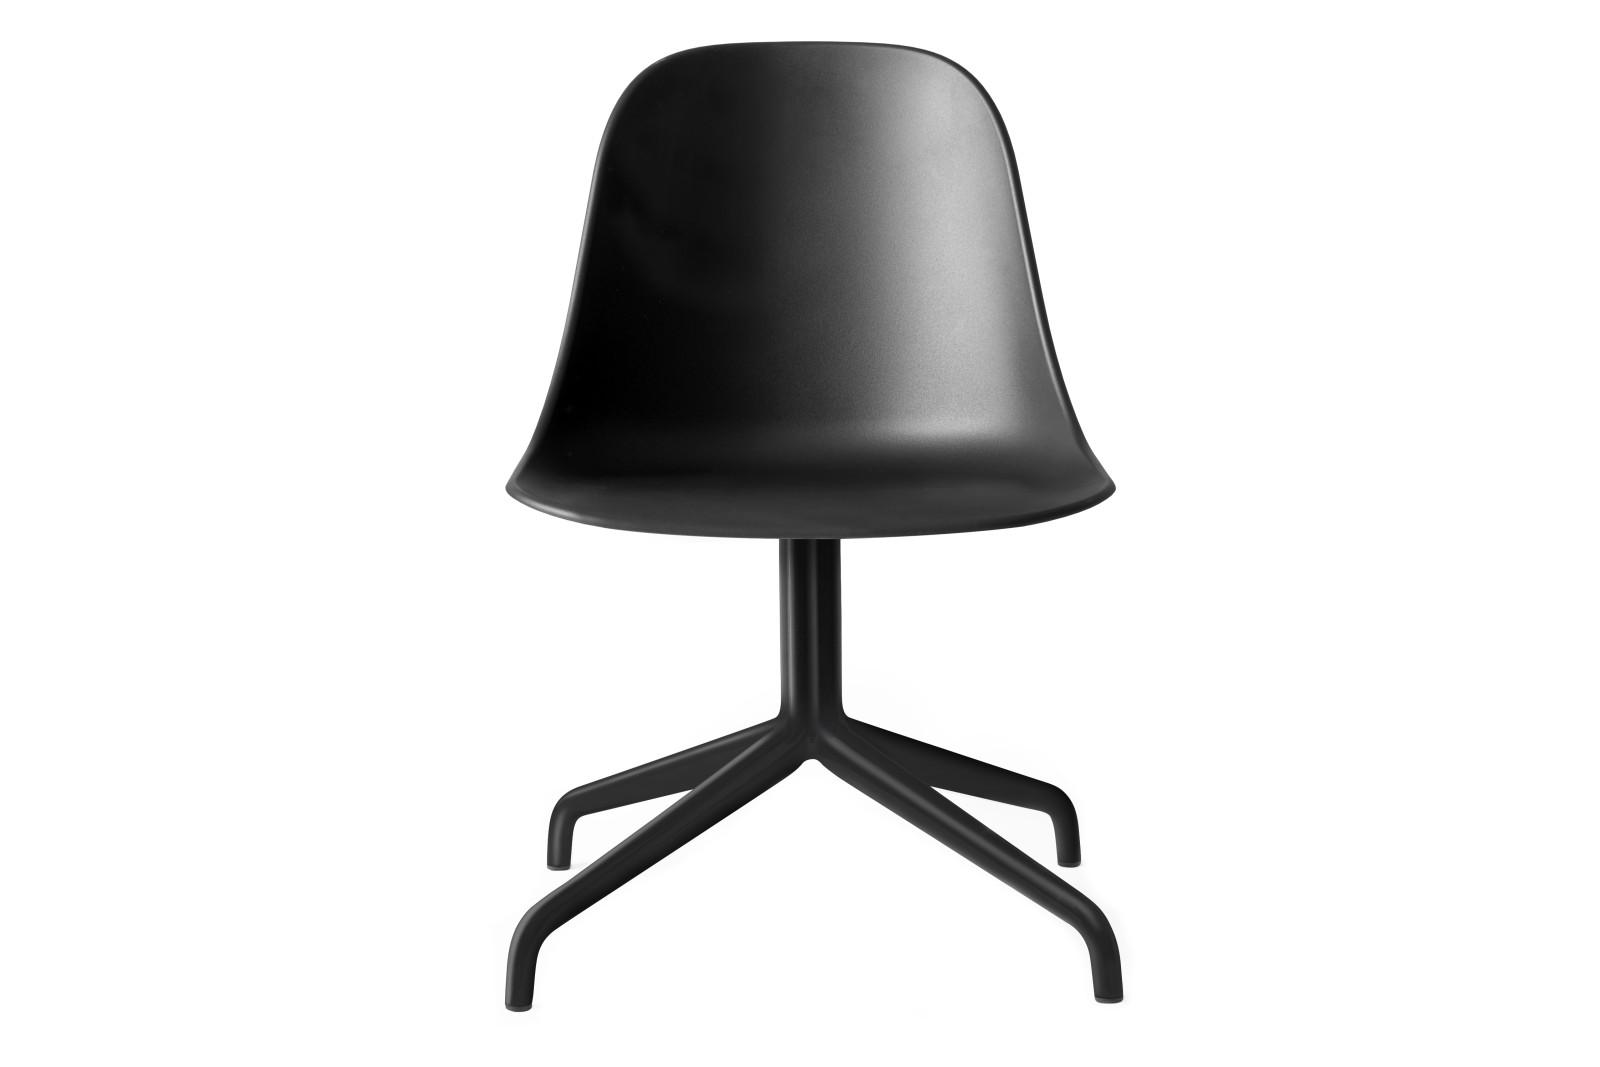 Harbour Side Chair - Swivel Base Black Swivel/Black Shell